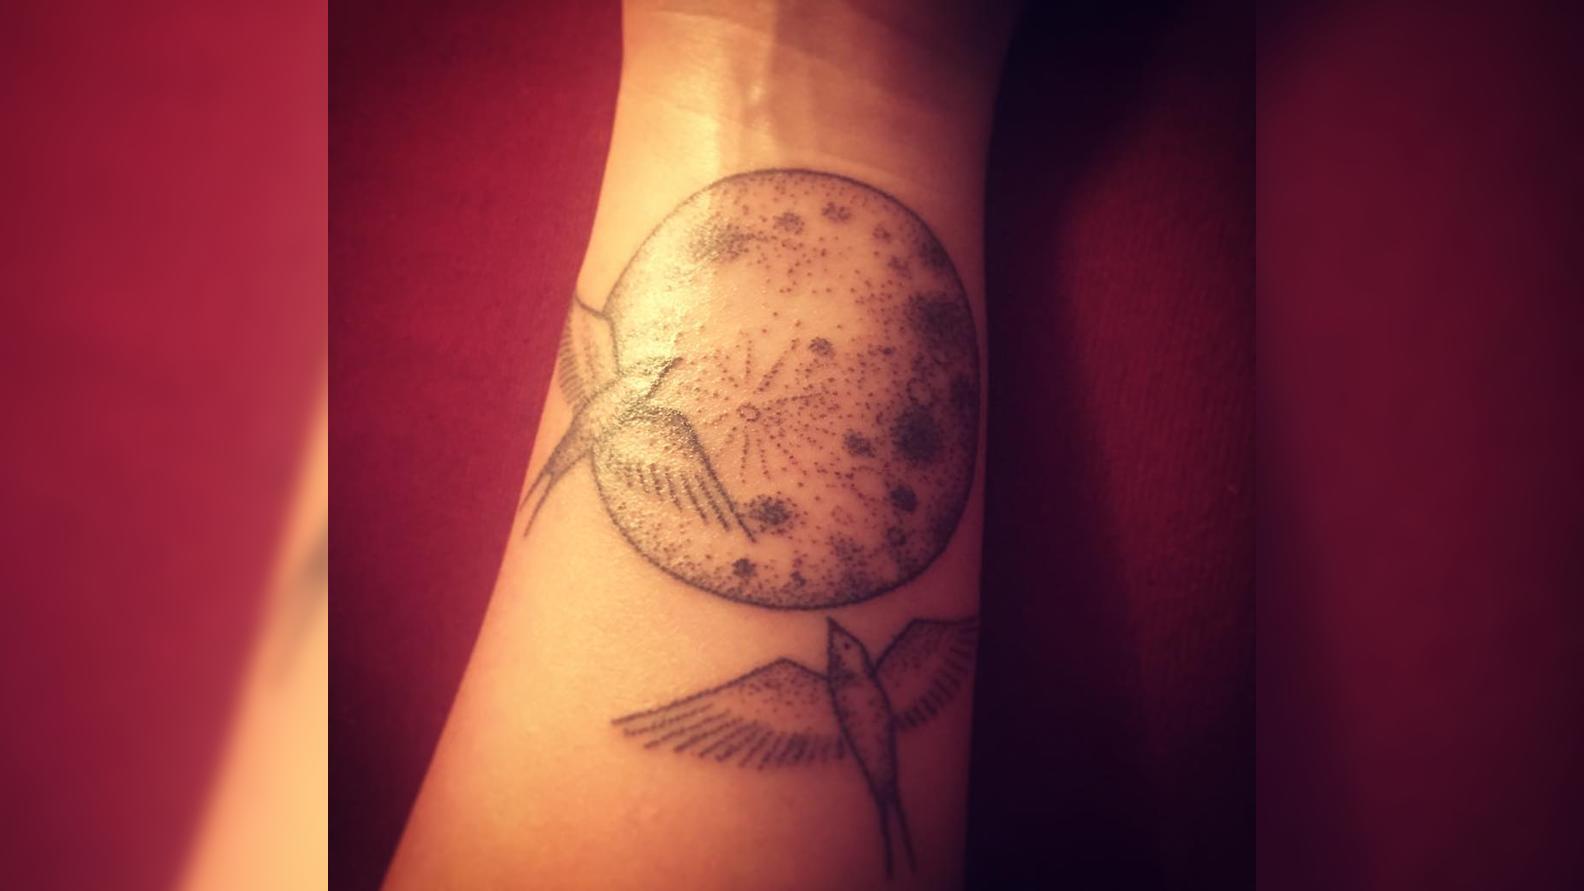 Schwalben tattoo handgelenk bedeutung